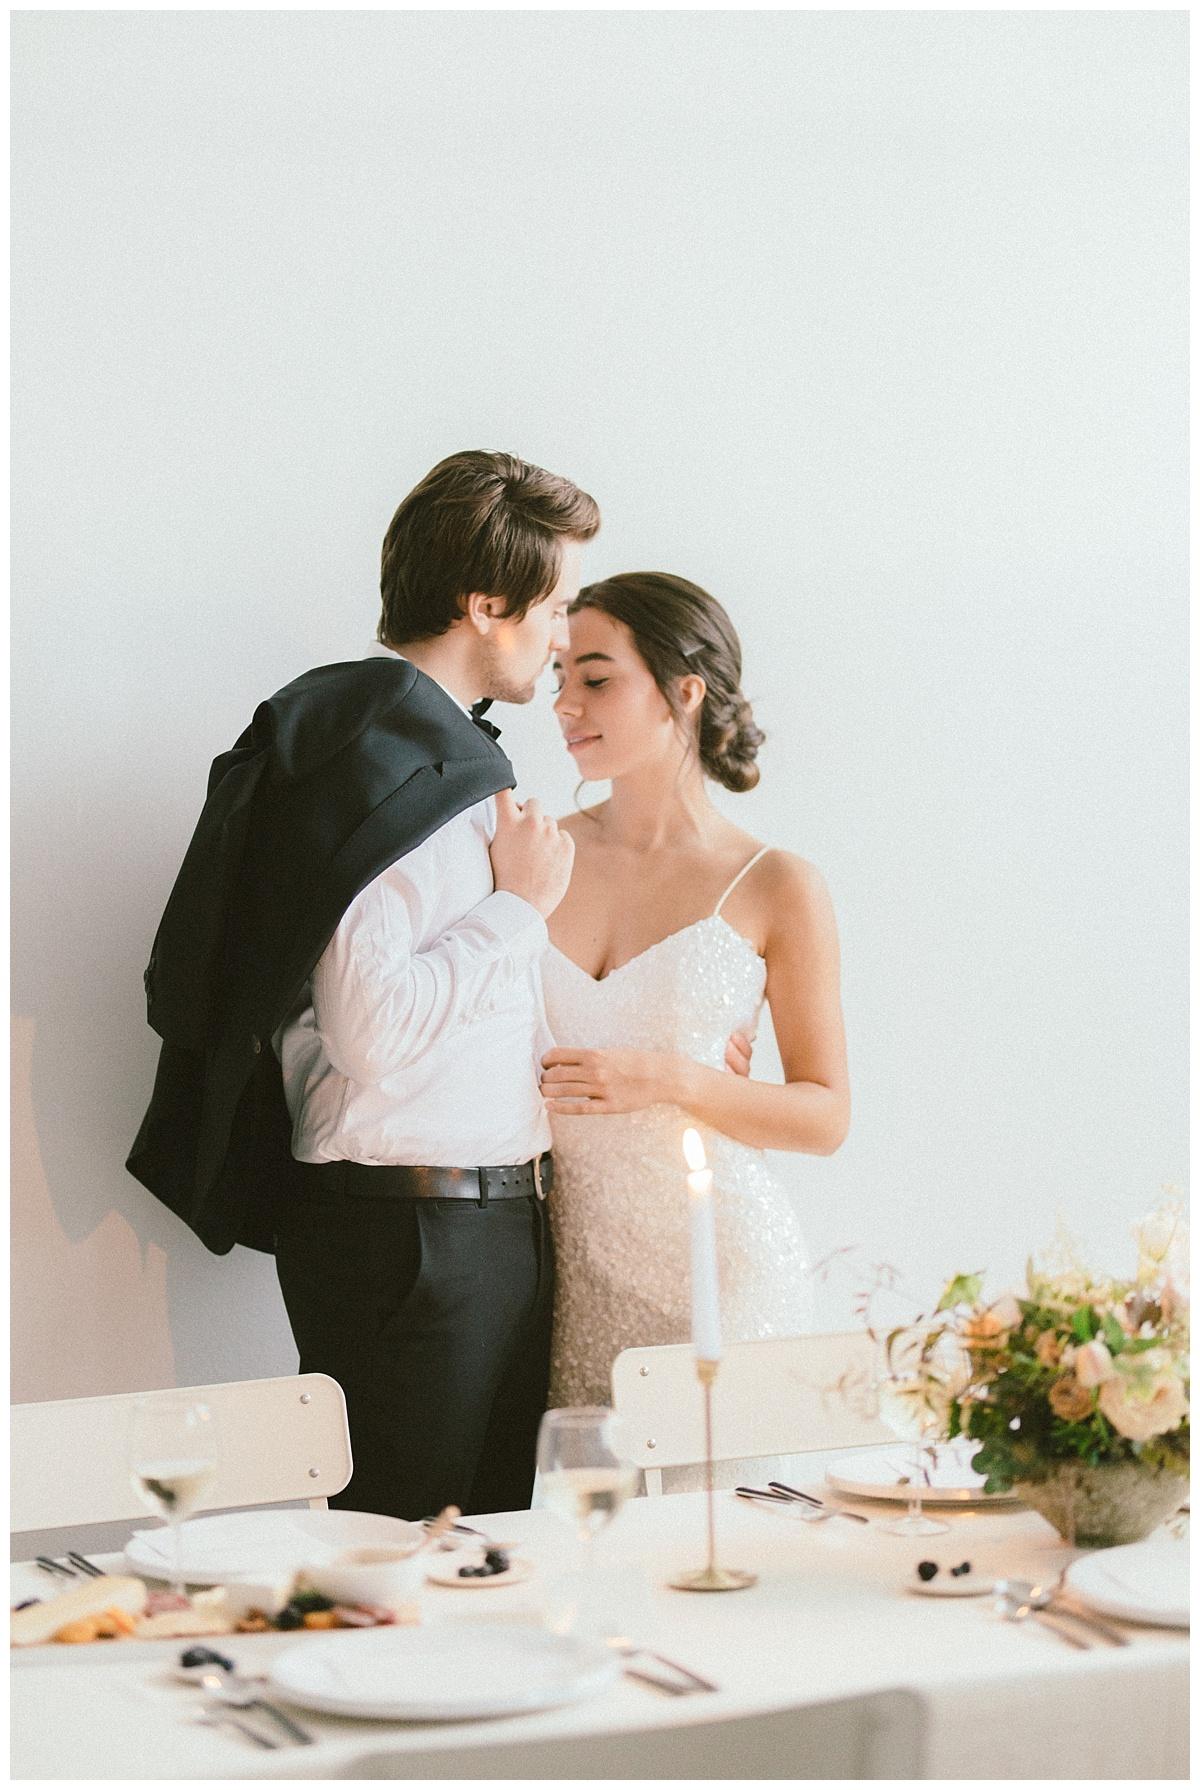 Hong Kong Fine Art Wedding Prewedding Photographer Mattie C. 00079.jpg